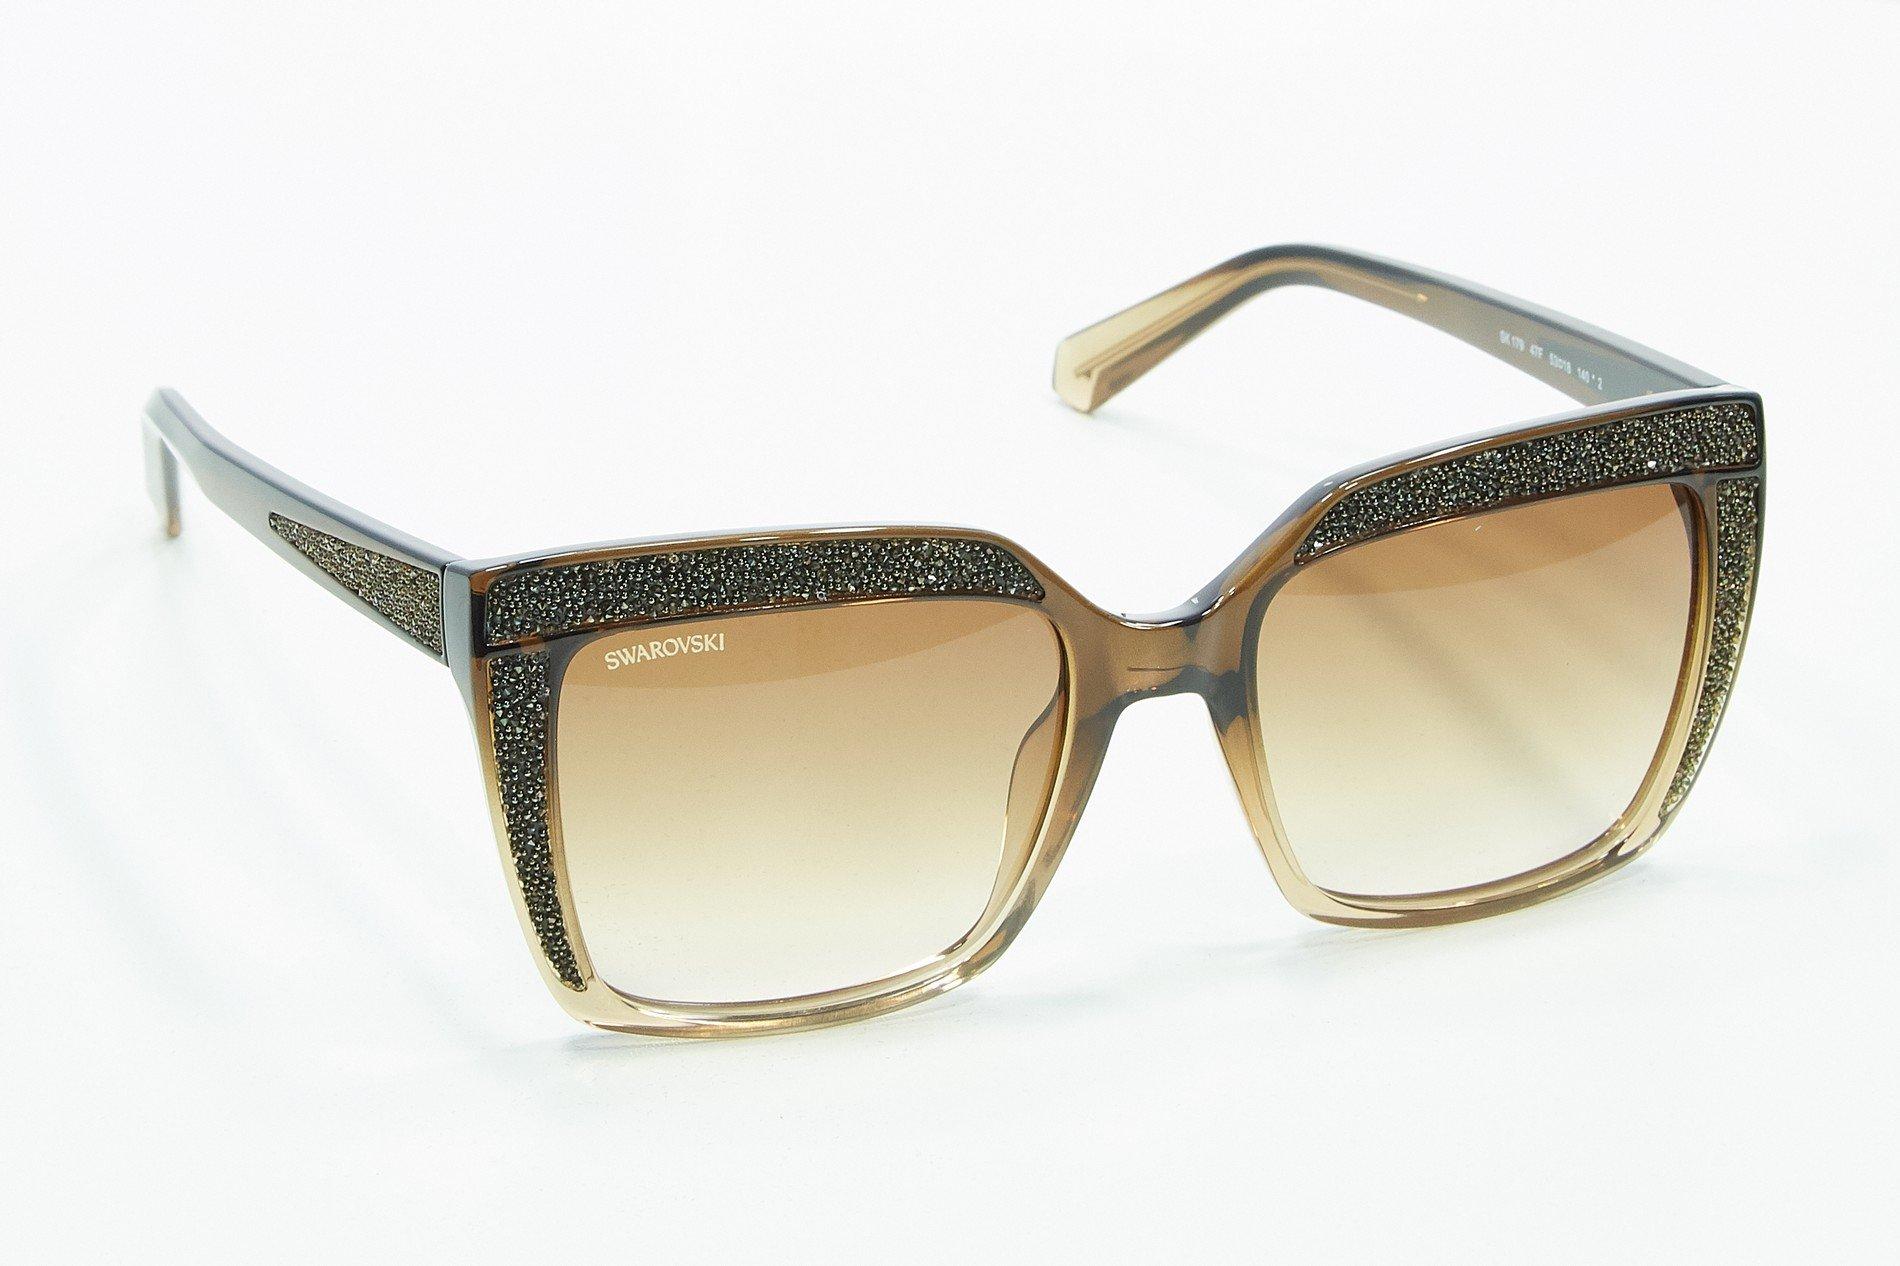 наращивание брендовые очки сваровски фото купим электролитические конденсаторы